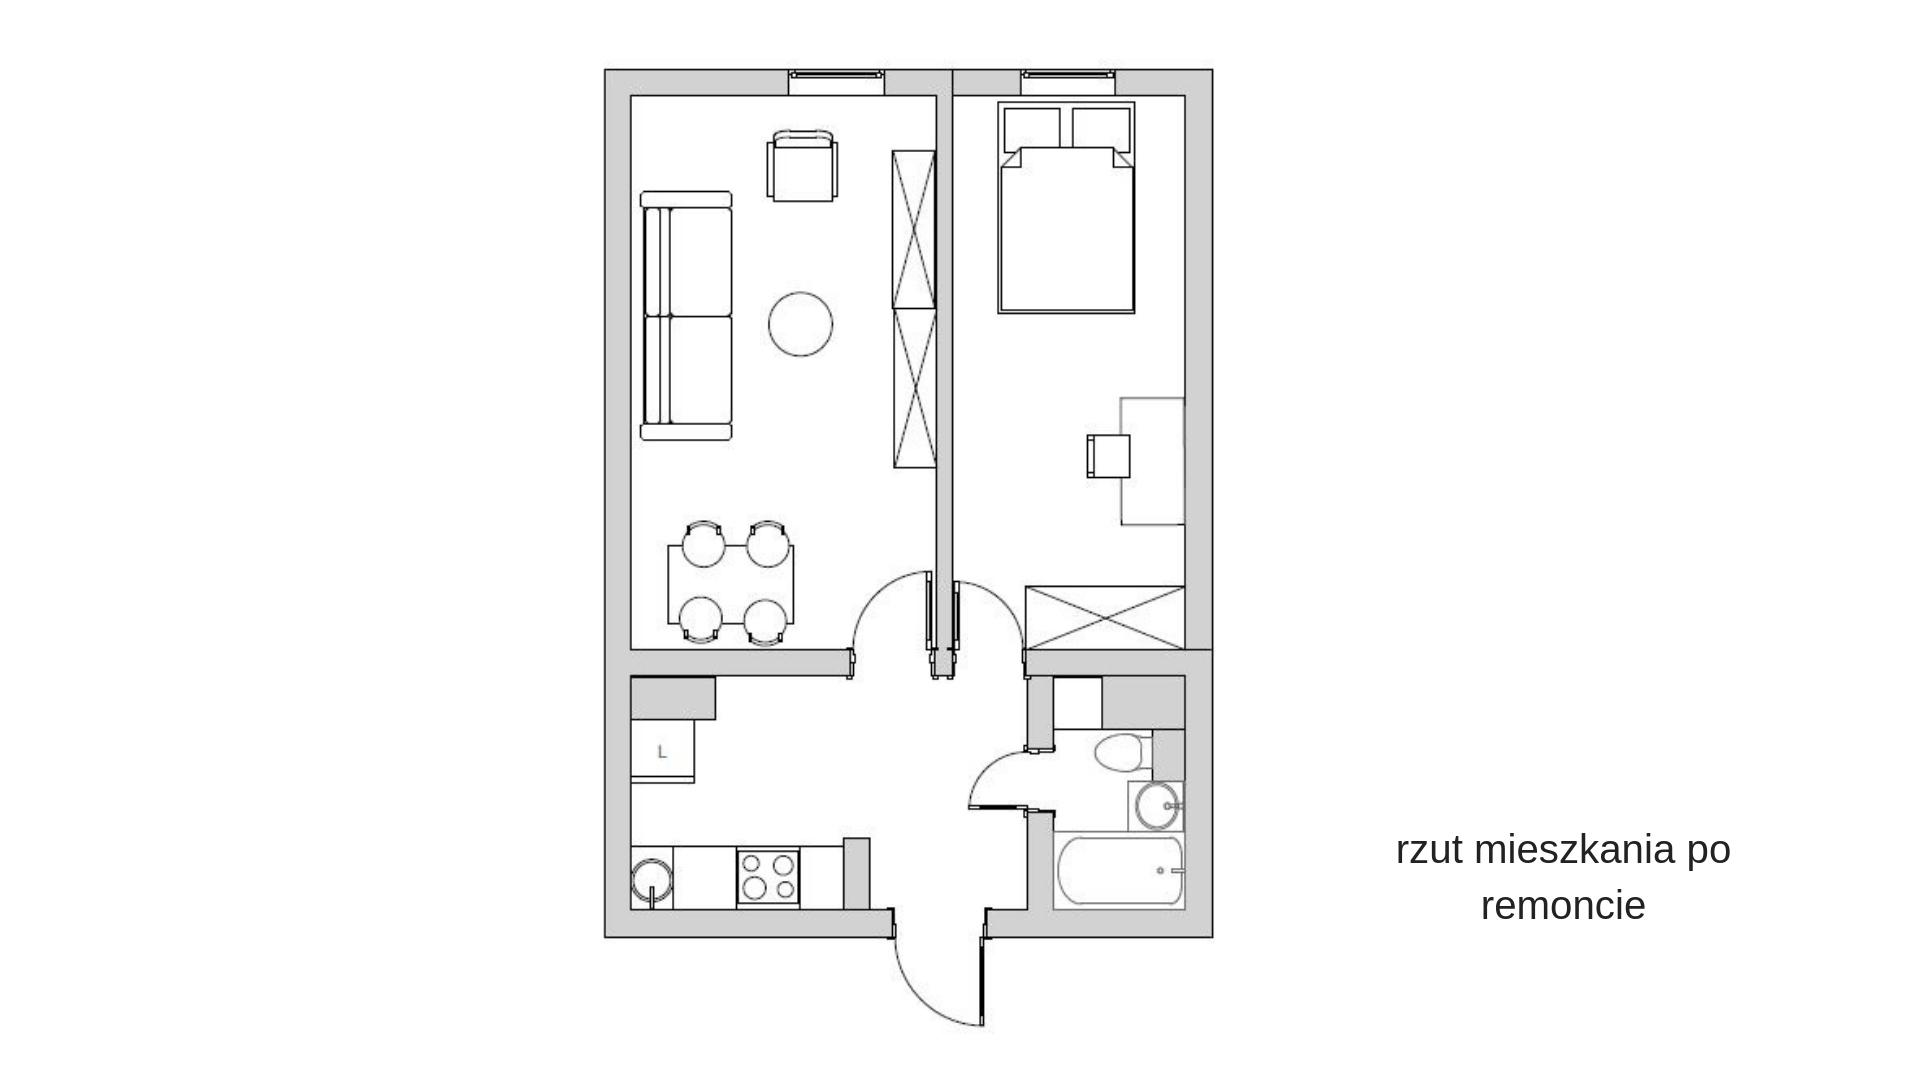 jak urządzić mieszkanie na wynajem